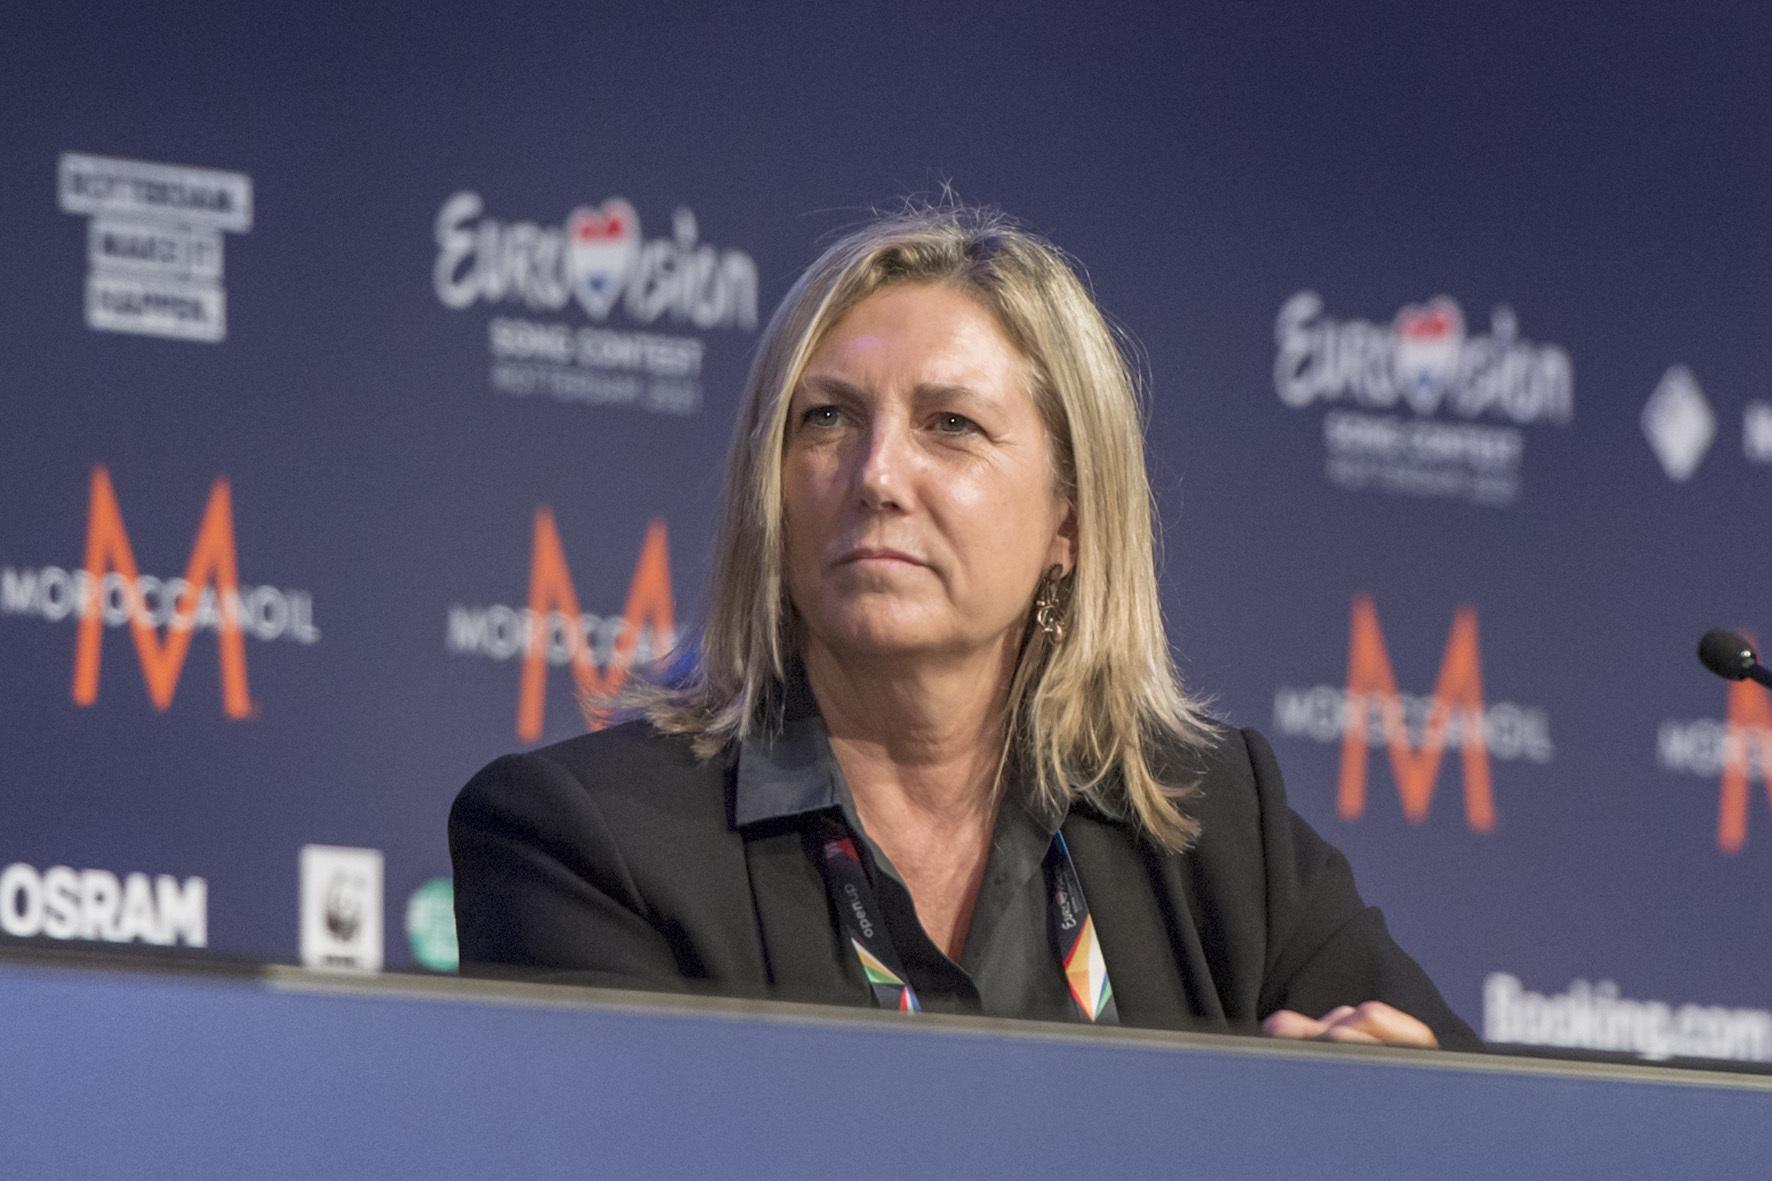 Ana María Bordas, nueva directora de entretenimiento de RTVE